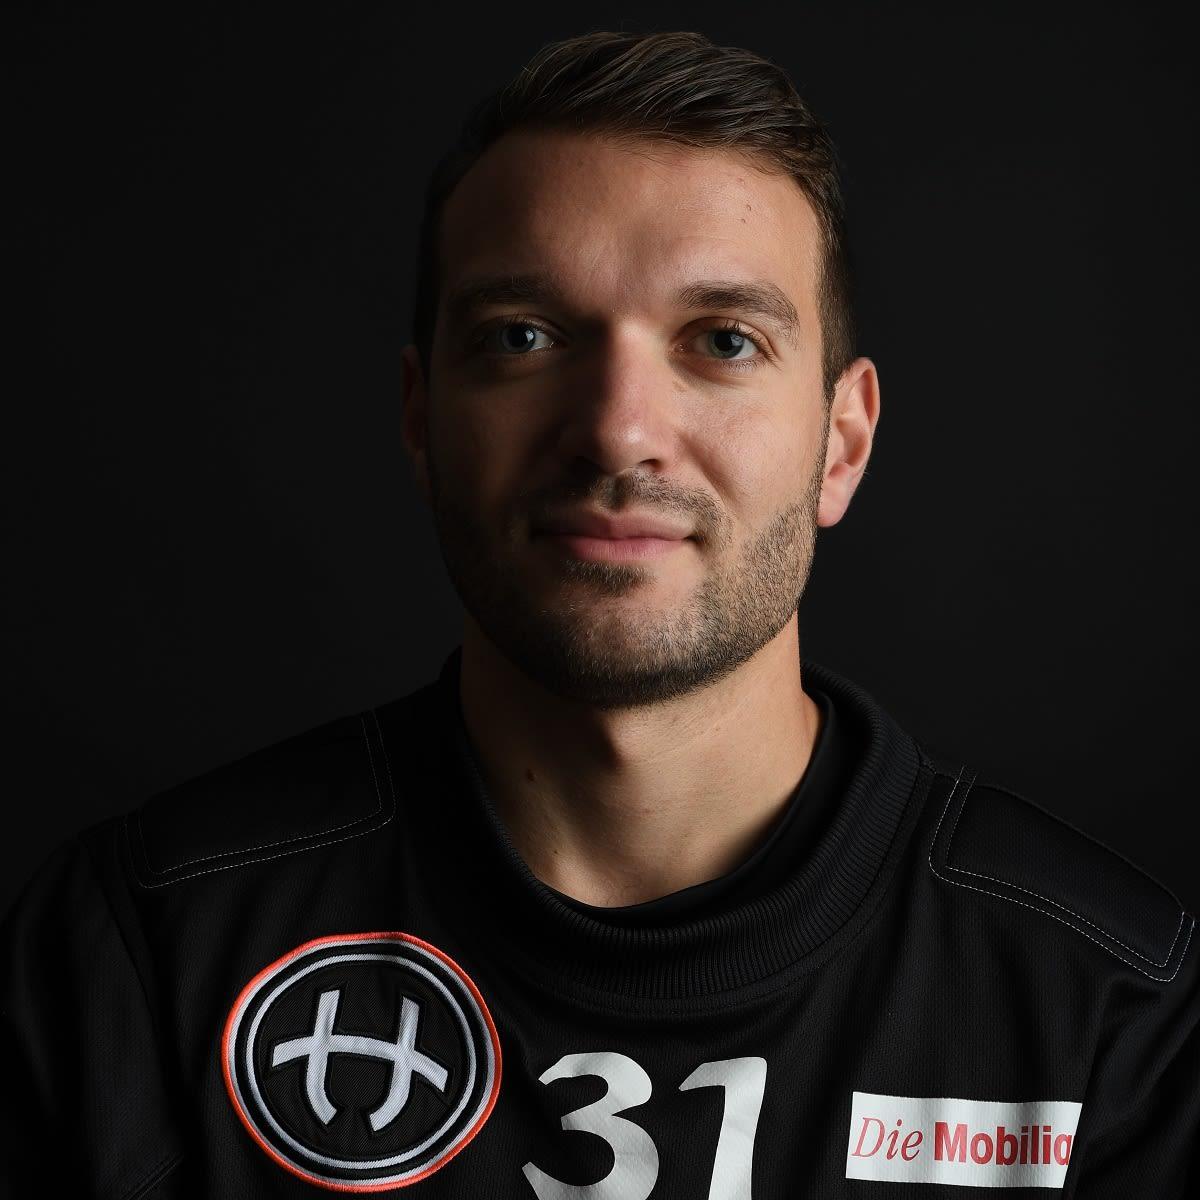 Matthias Stern